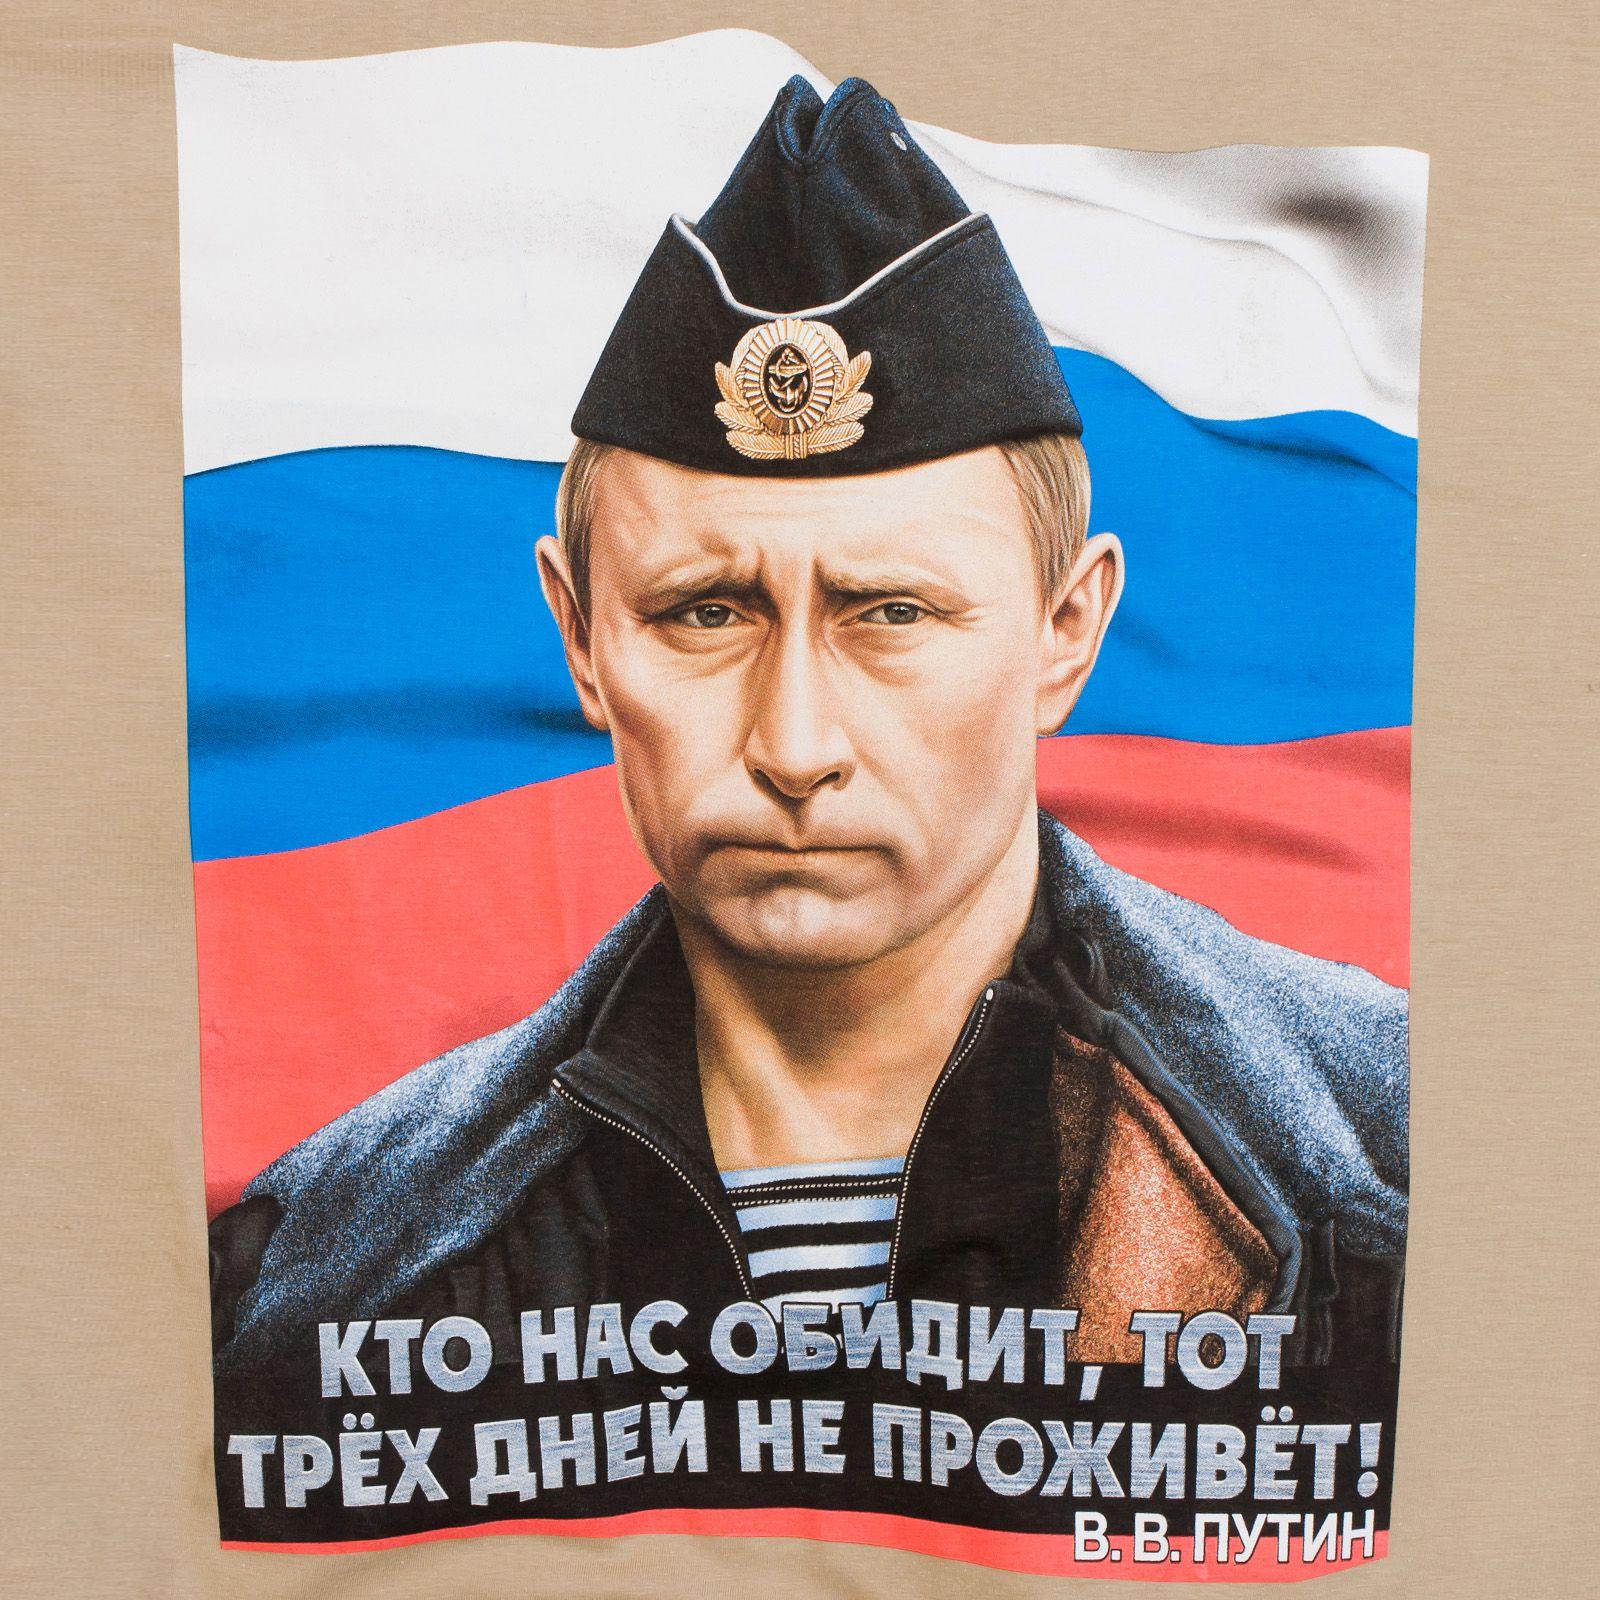 """Футболка """"Владимир Путин предупреждает"""" - цветной принт"""